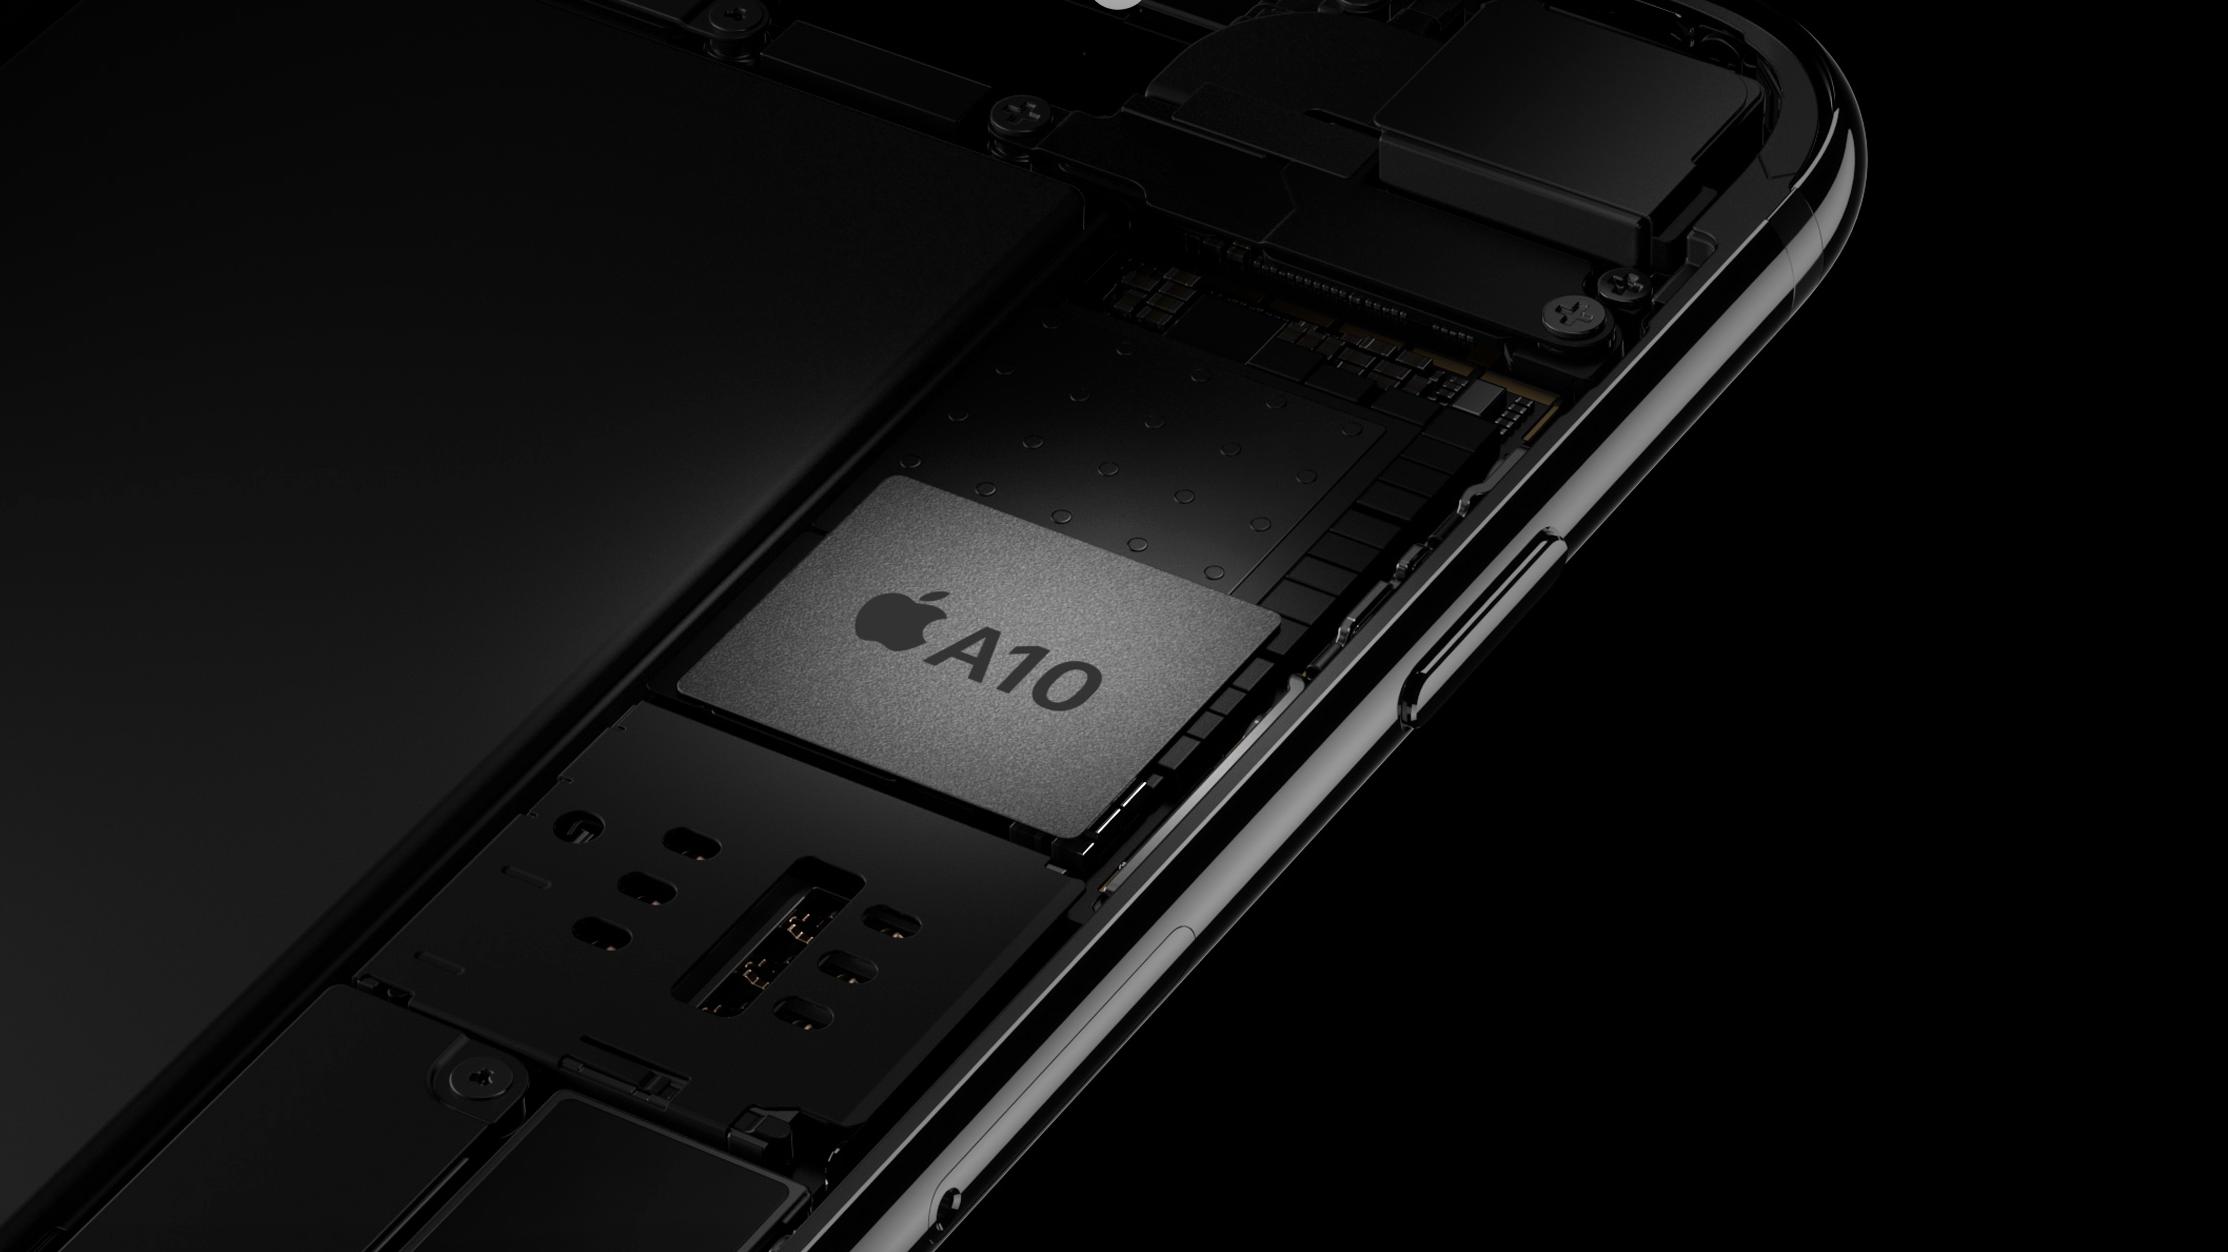 Apple A10 Fusion: mai così potente, il SoC della mela punta alla leadership del settore